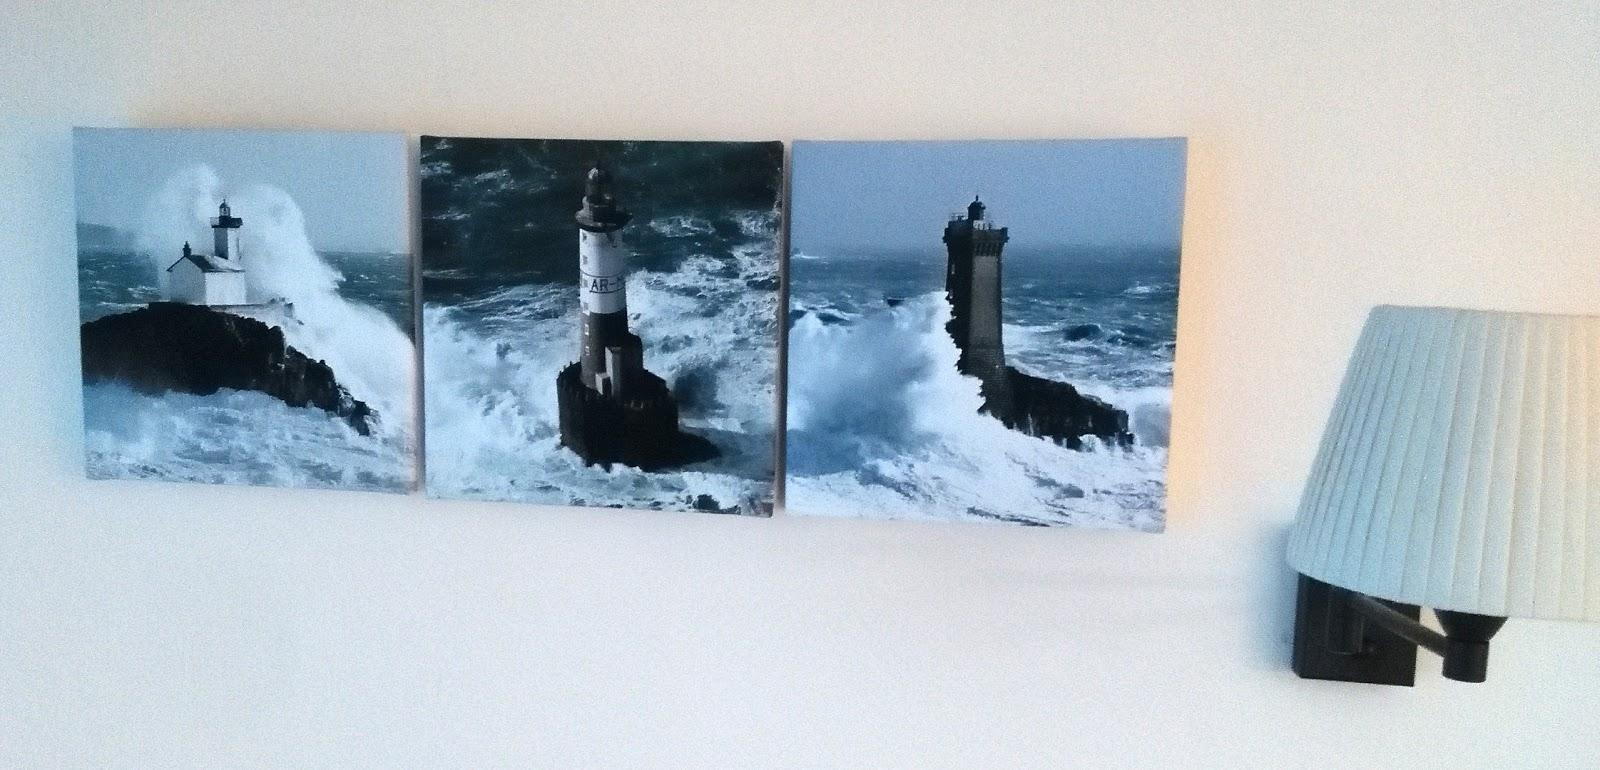 Fotocopias baratas cuadros panelados baratos - Marcos cuadros baratos ...